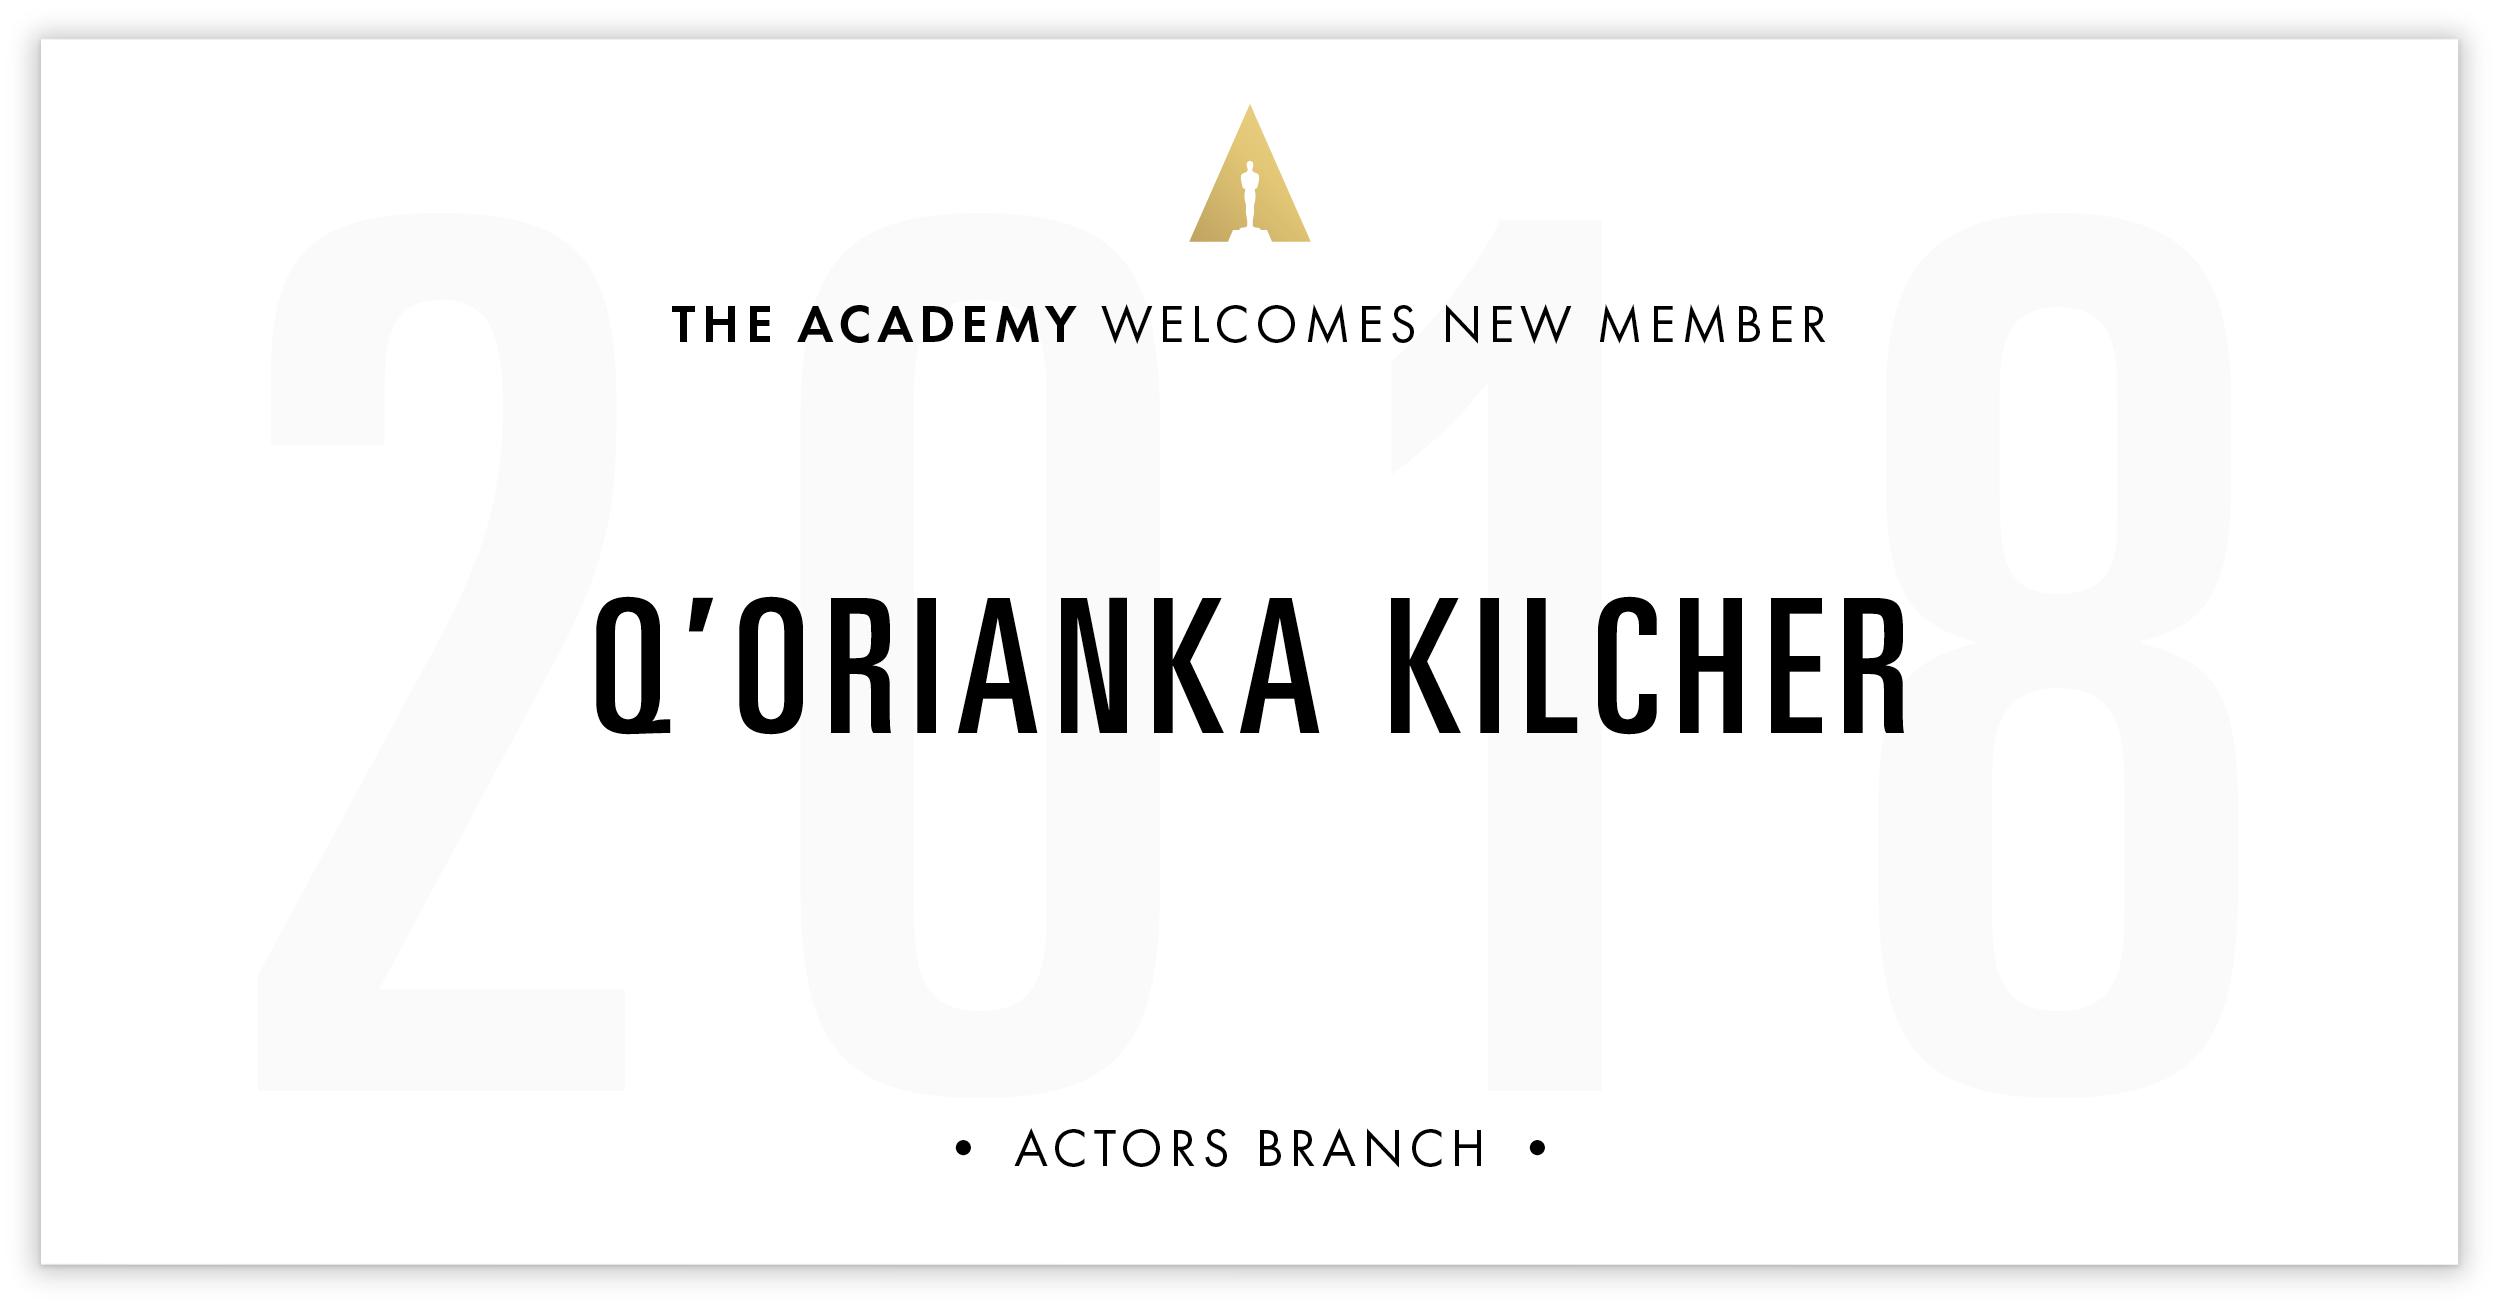 Q'orianka Kilcher is invited!